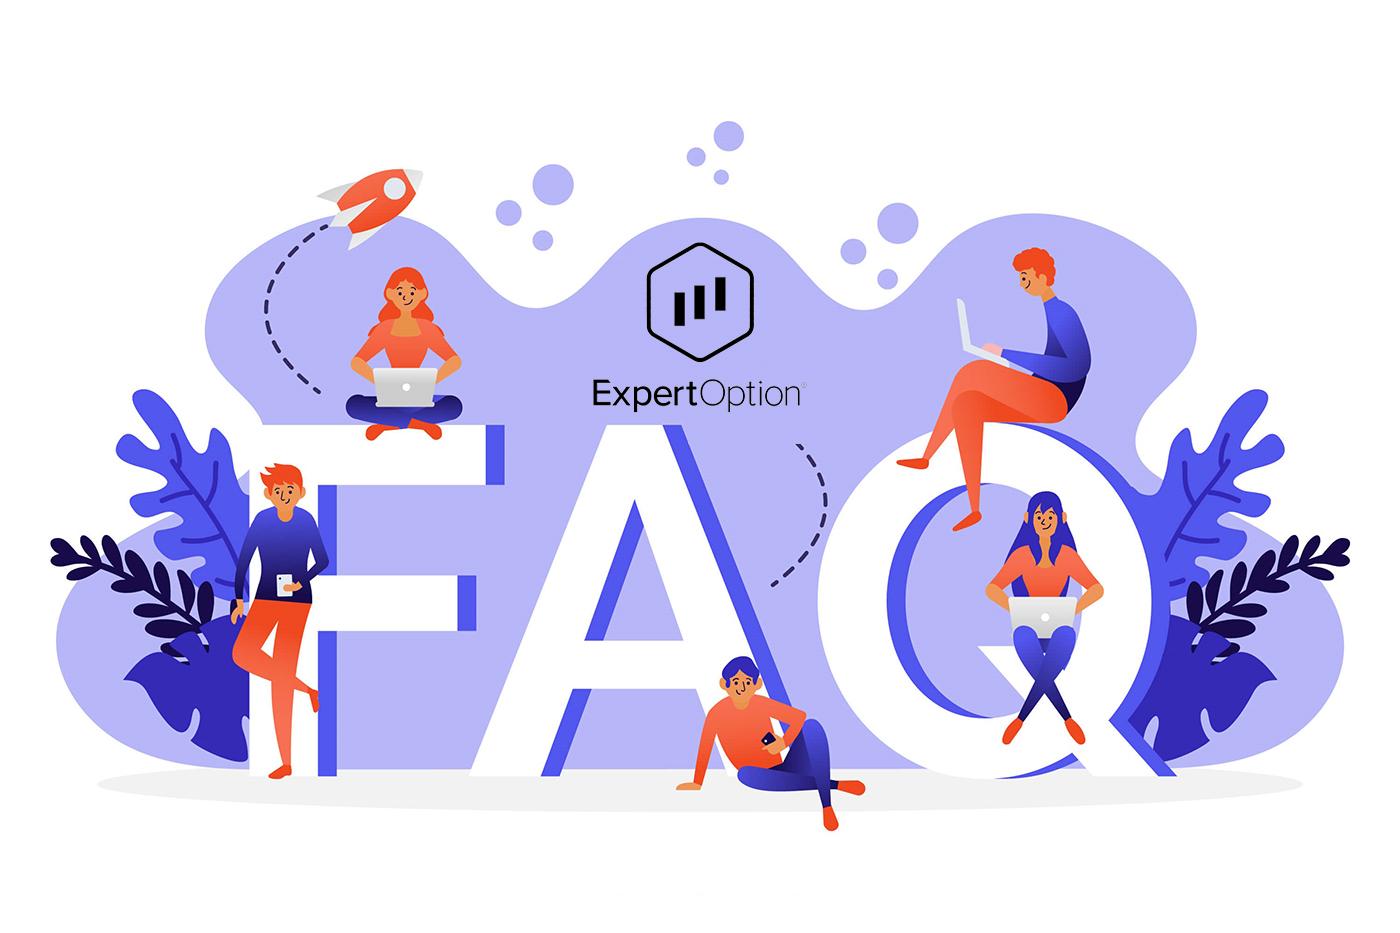 ExpertOption প্রায়শই জিজ্ঞাসিত প্রশ্নাবলী (FAQ)